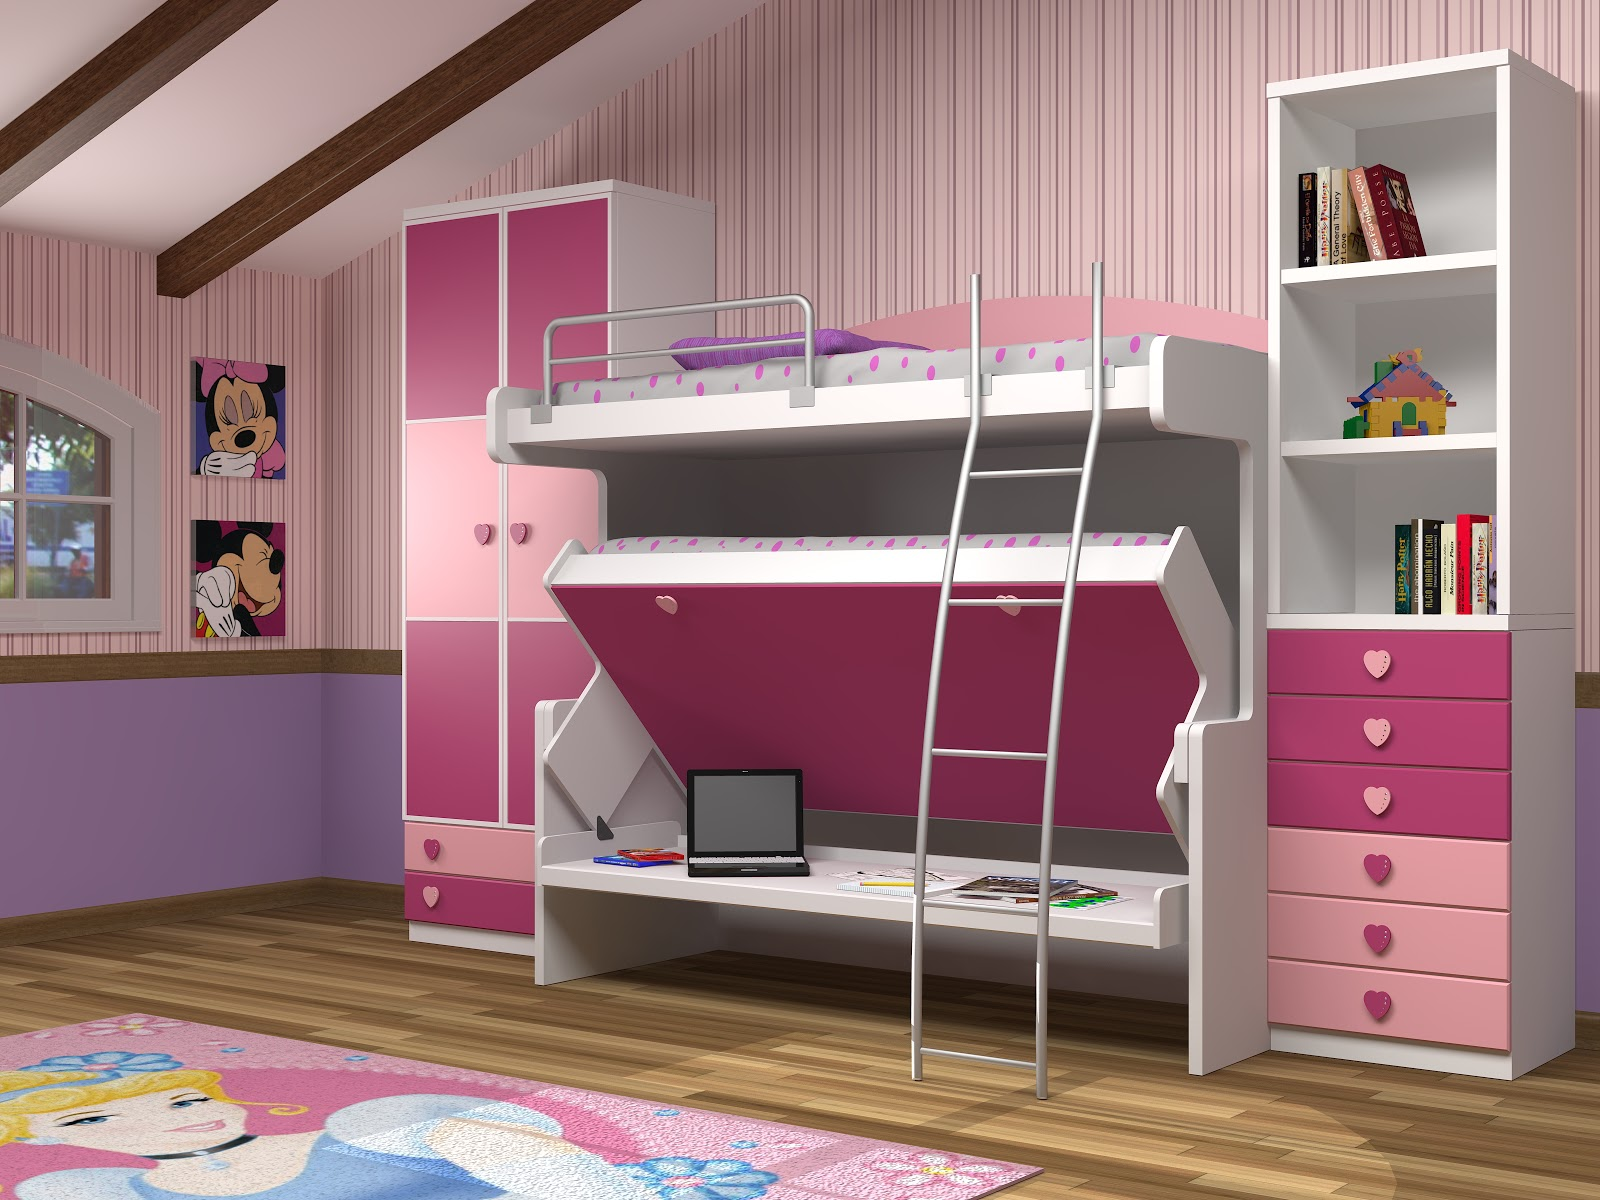 Muebles juveniles dormitorios infantiles y habitaciones juveniles en madrid muebles parchis - Muebles para restaurar madrid ...